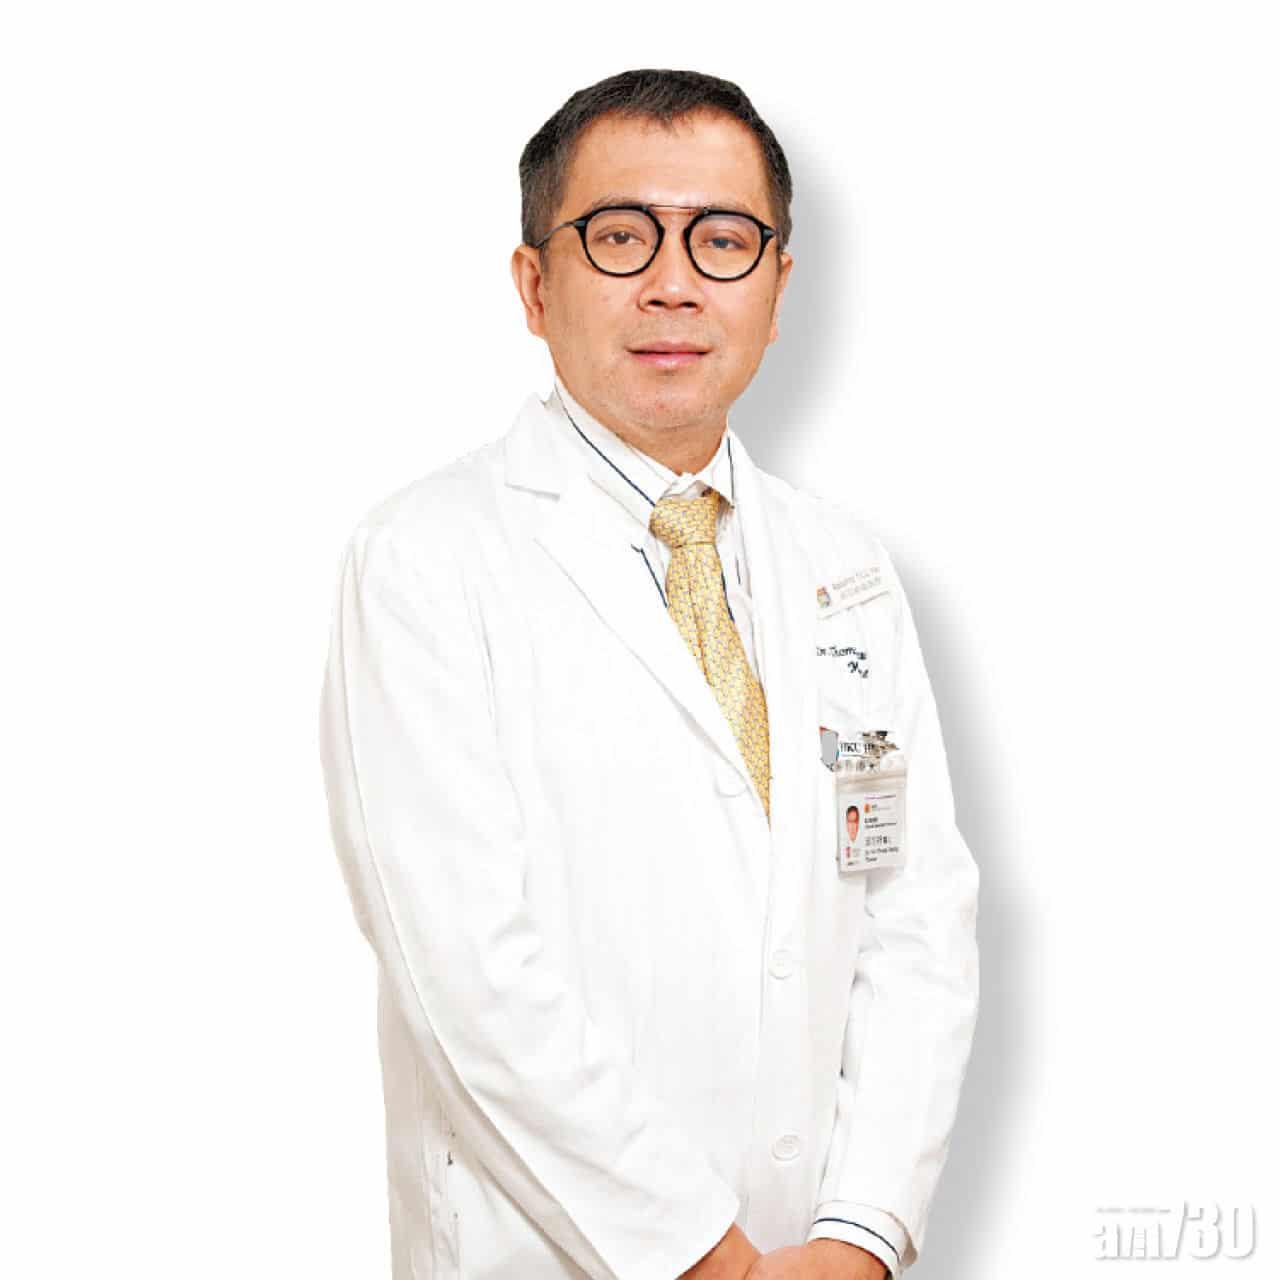 邱宗祥指近年癌症治療研究多集中於免疫治療